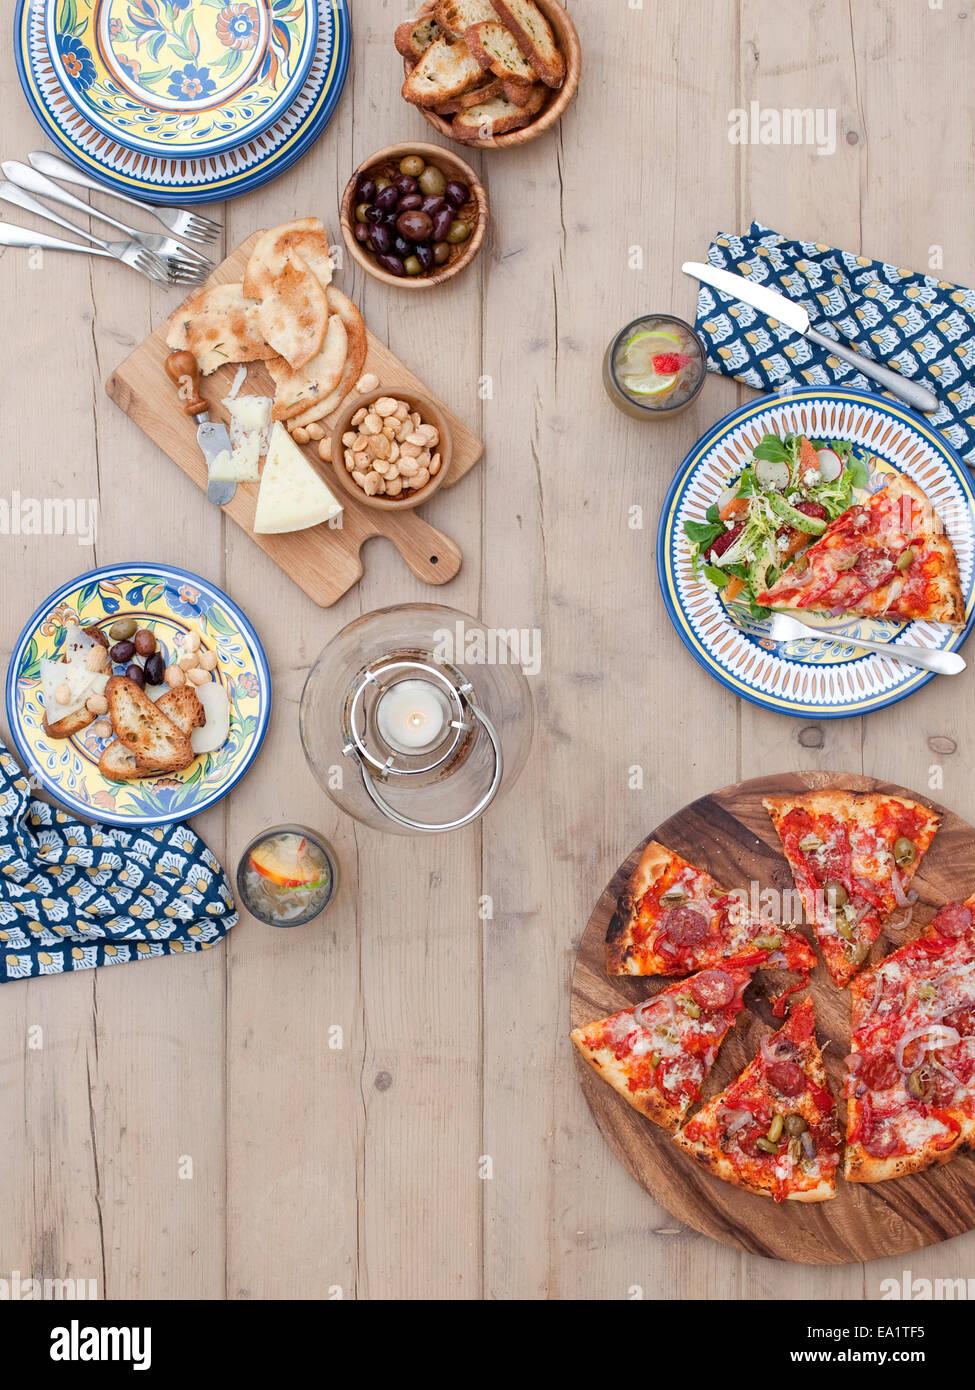 Mesa de comedor exterior con pizza Imagen De Stock